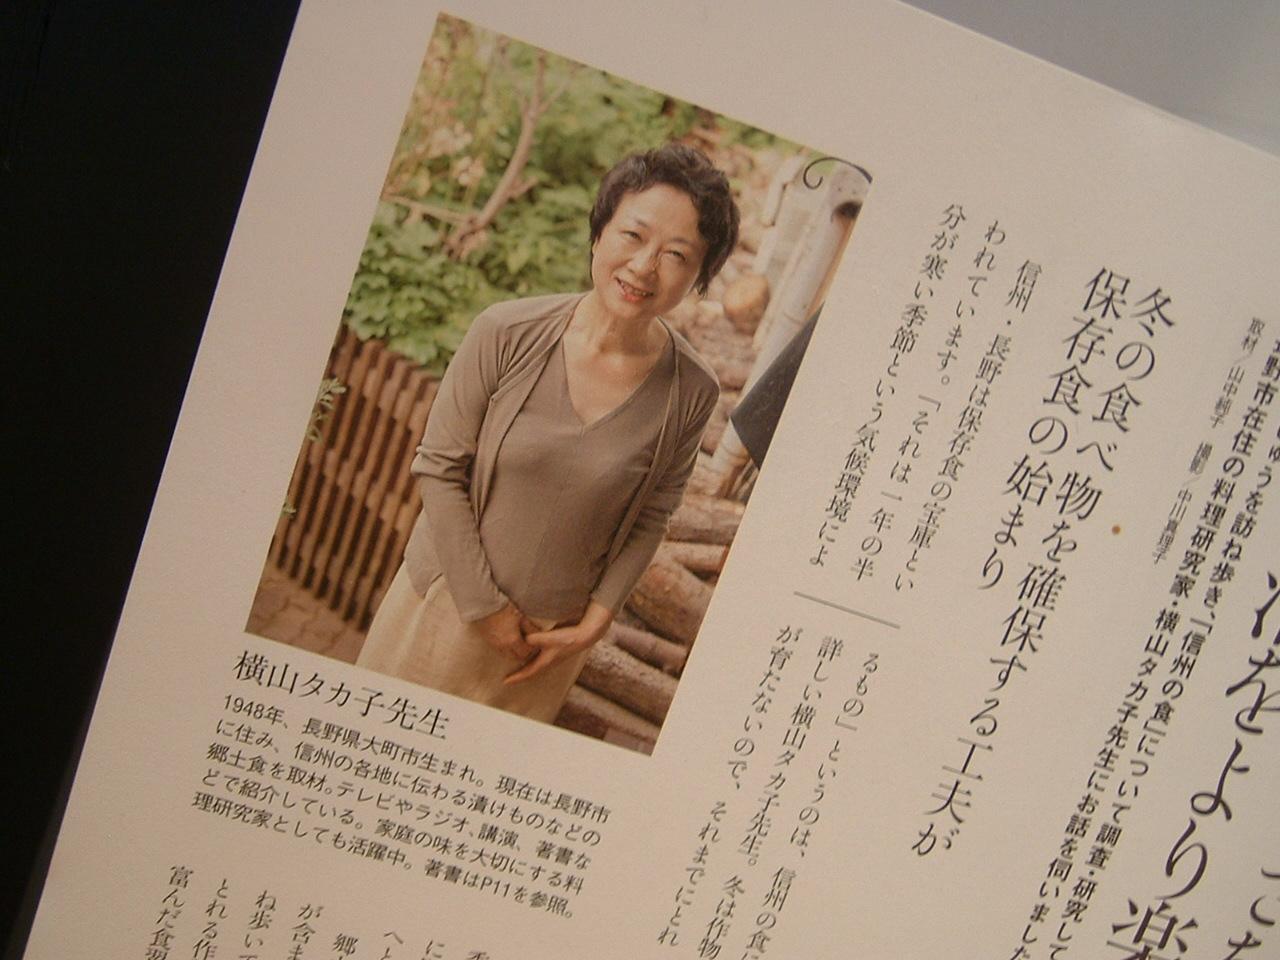 料理研究家:横山タカ子のレシピと料理教室について調査してみた